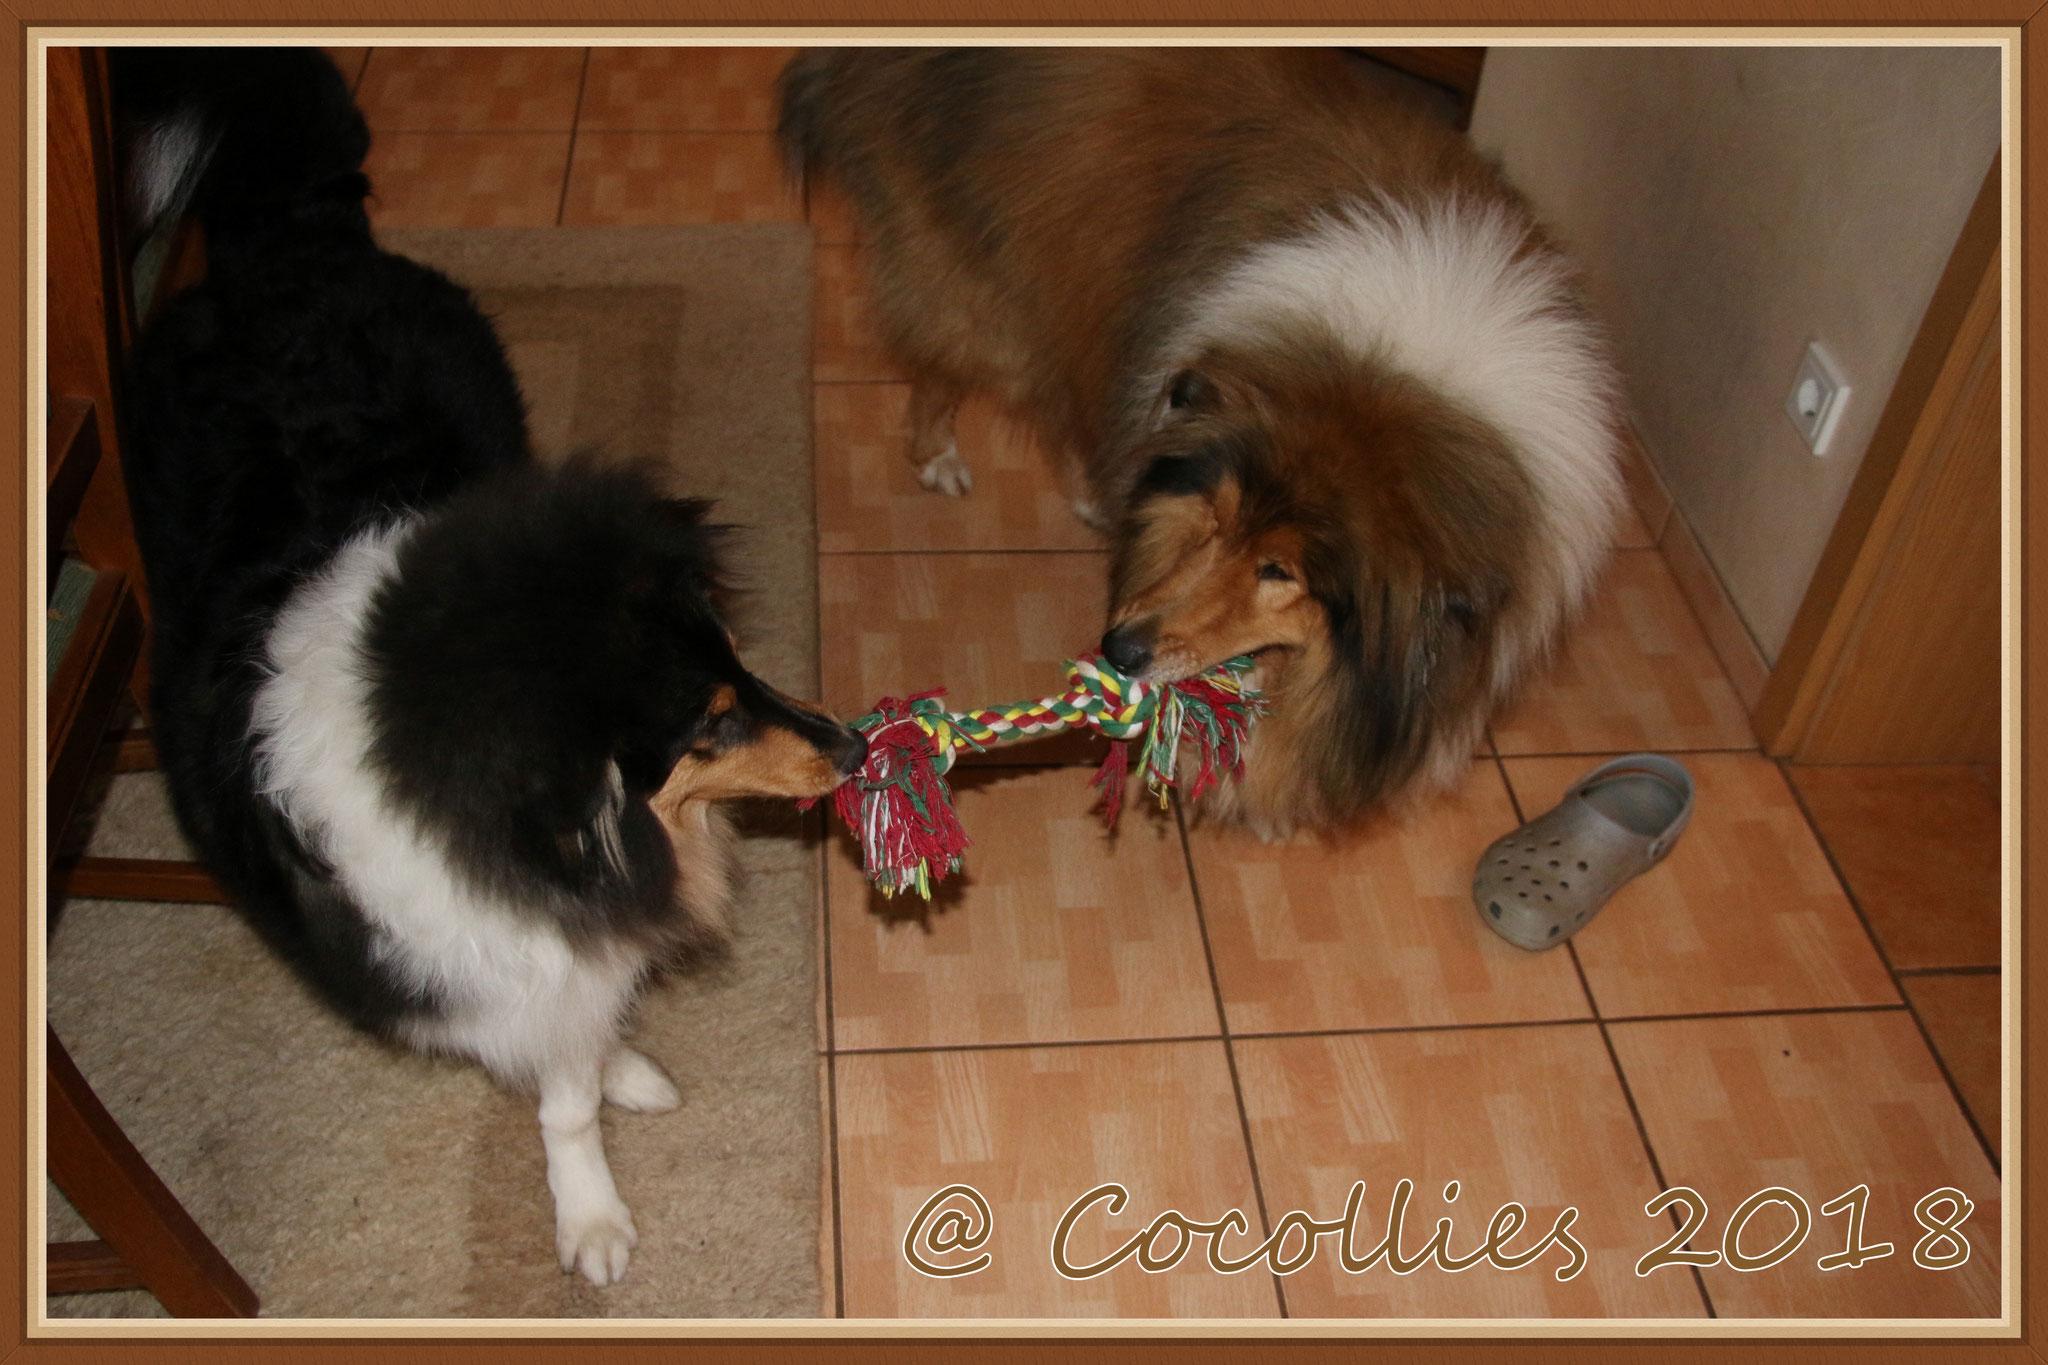 Brenda und Teddy beim spielen